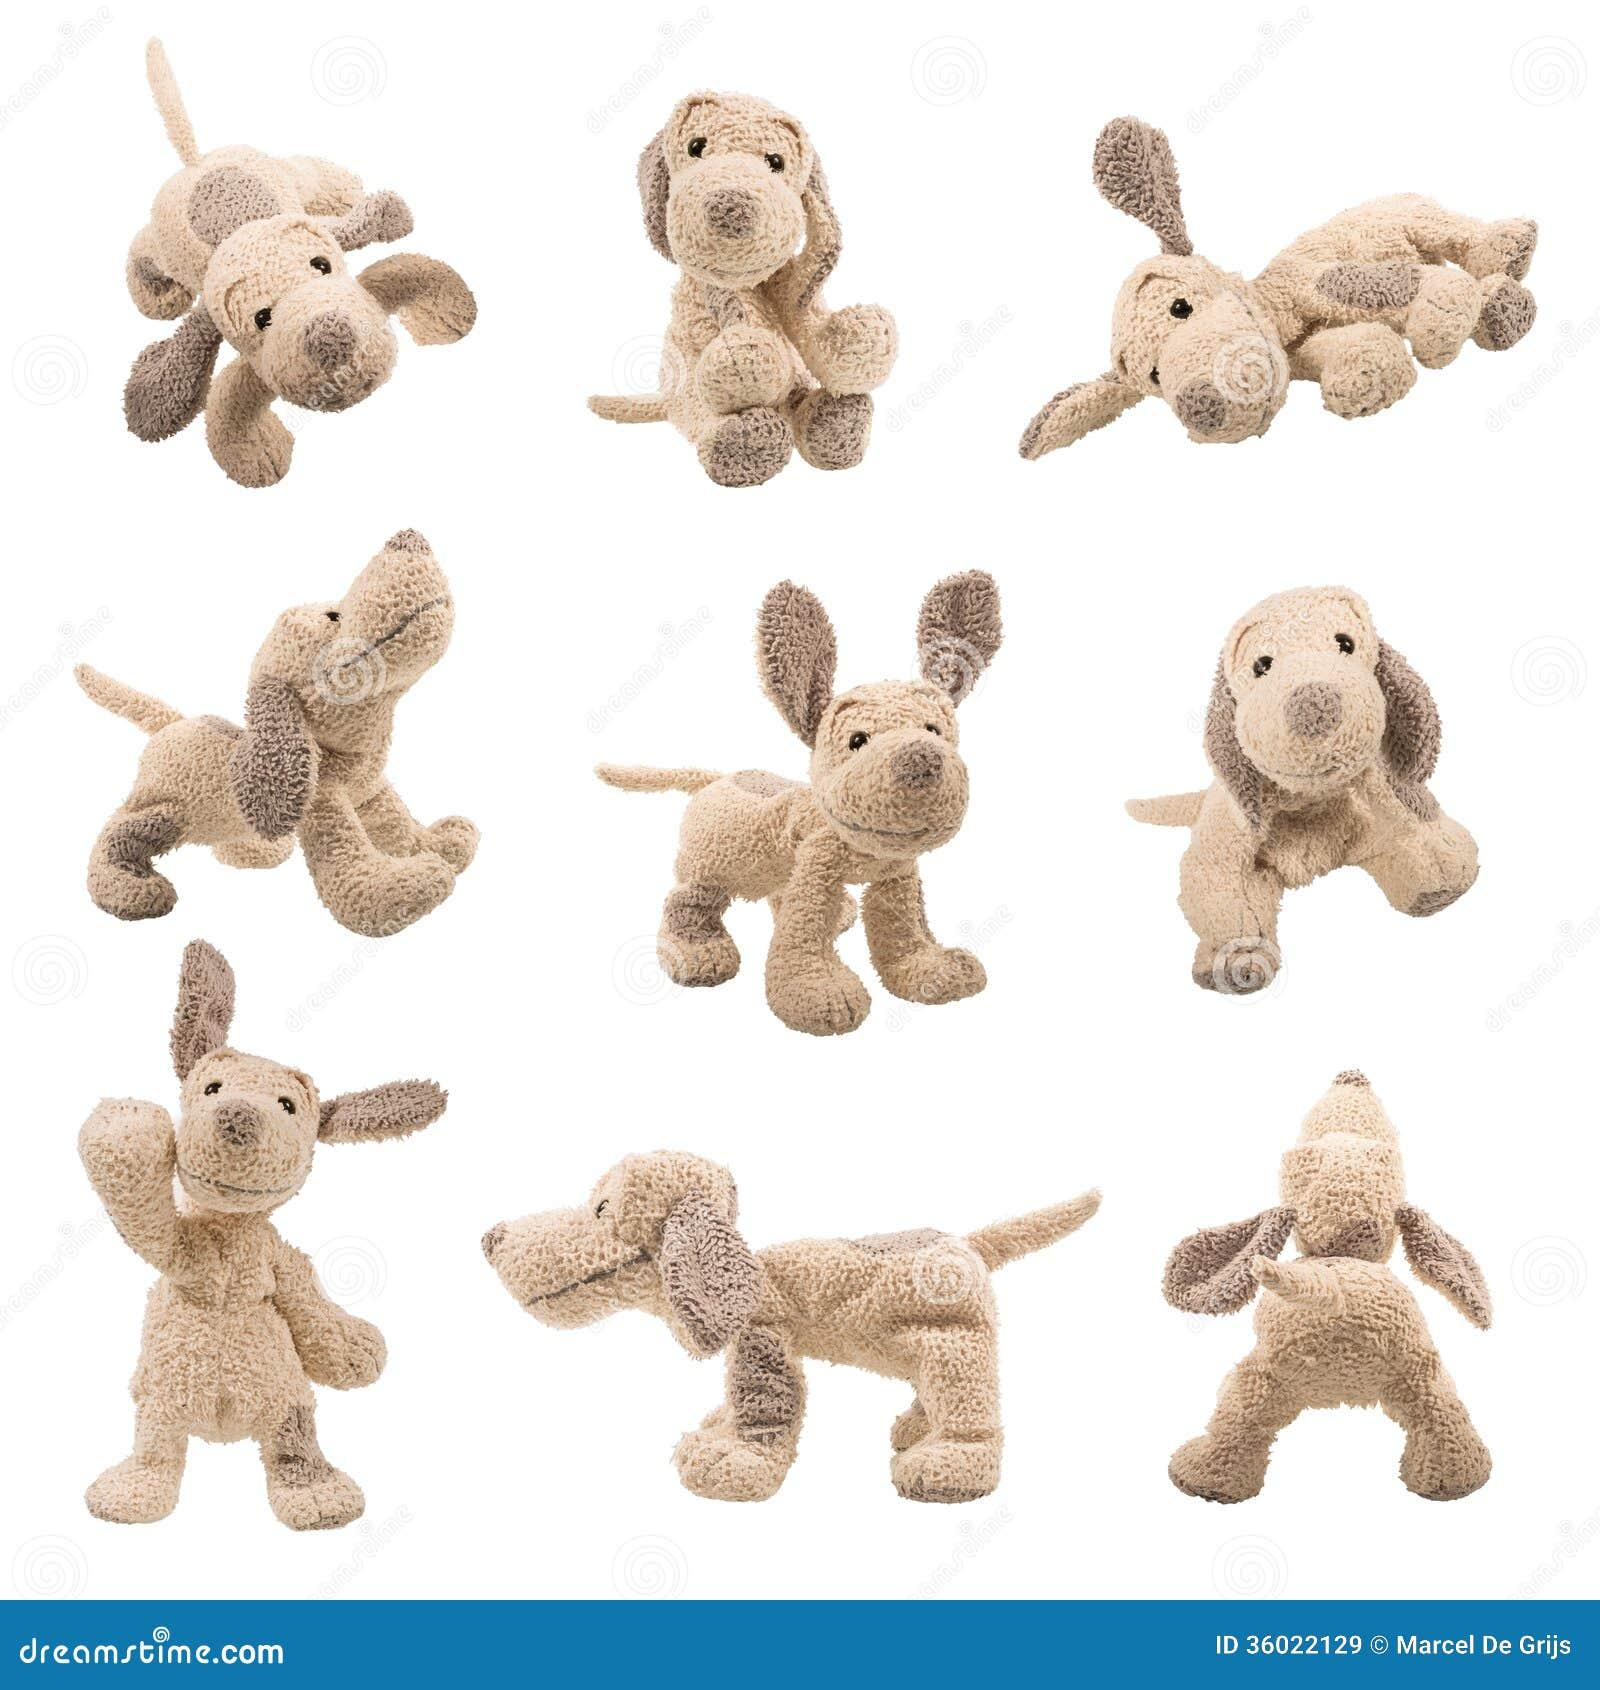 Set Of Dog Stuffed Animals, Stuffed Animal Dog Stock Image Image Of Bear Showing 36022129